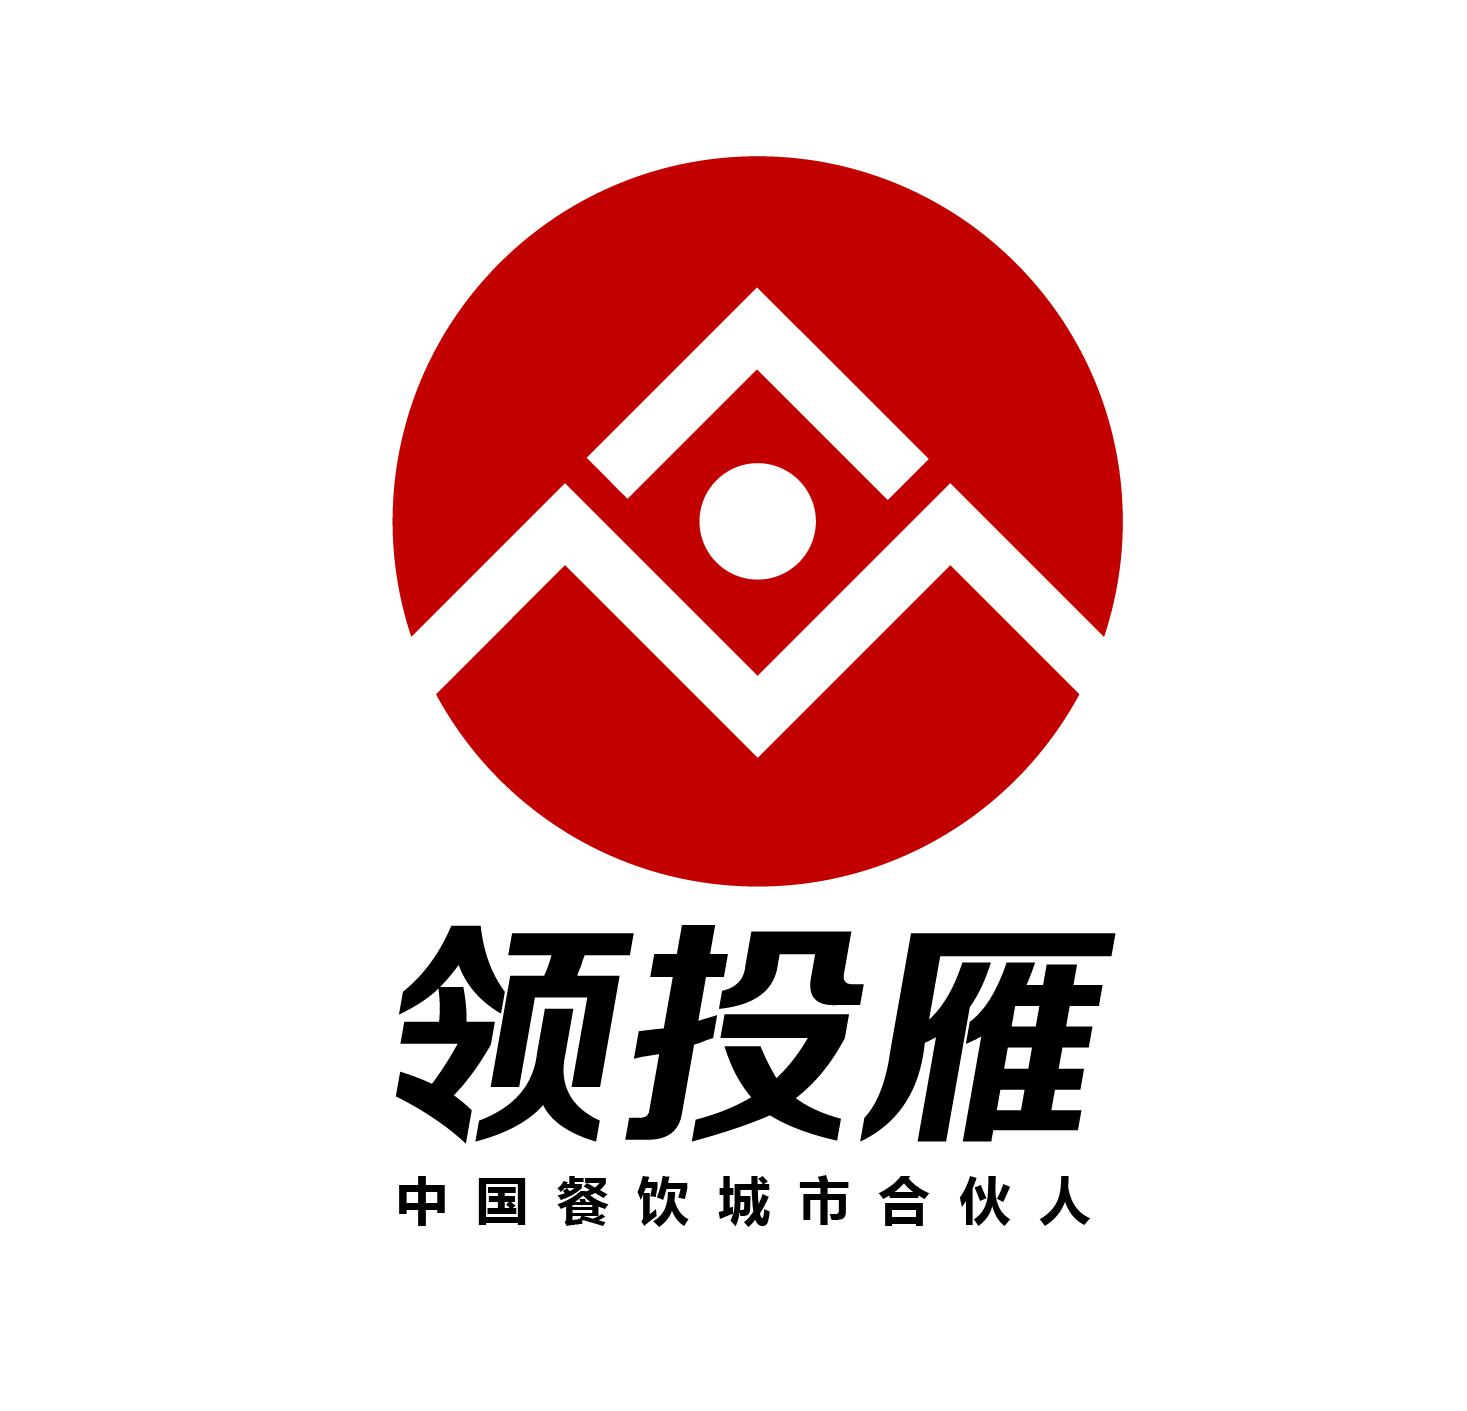 沈阳领投雁餐饮管理有限公司